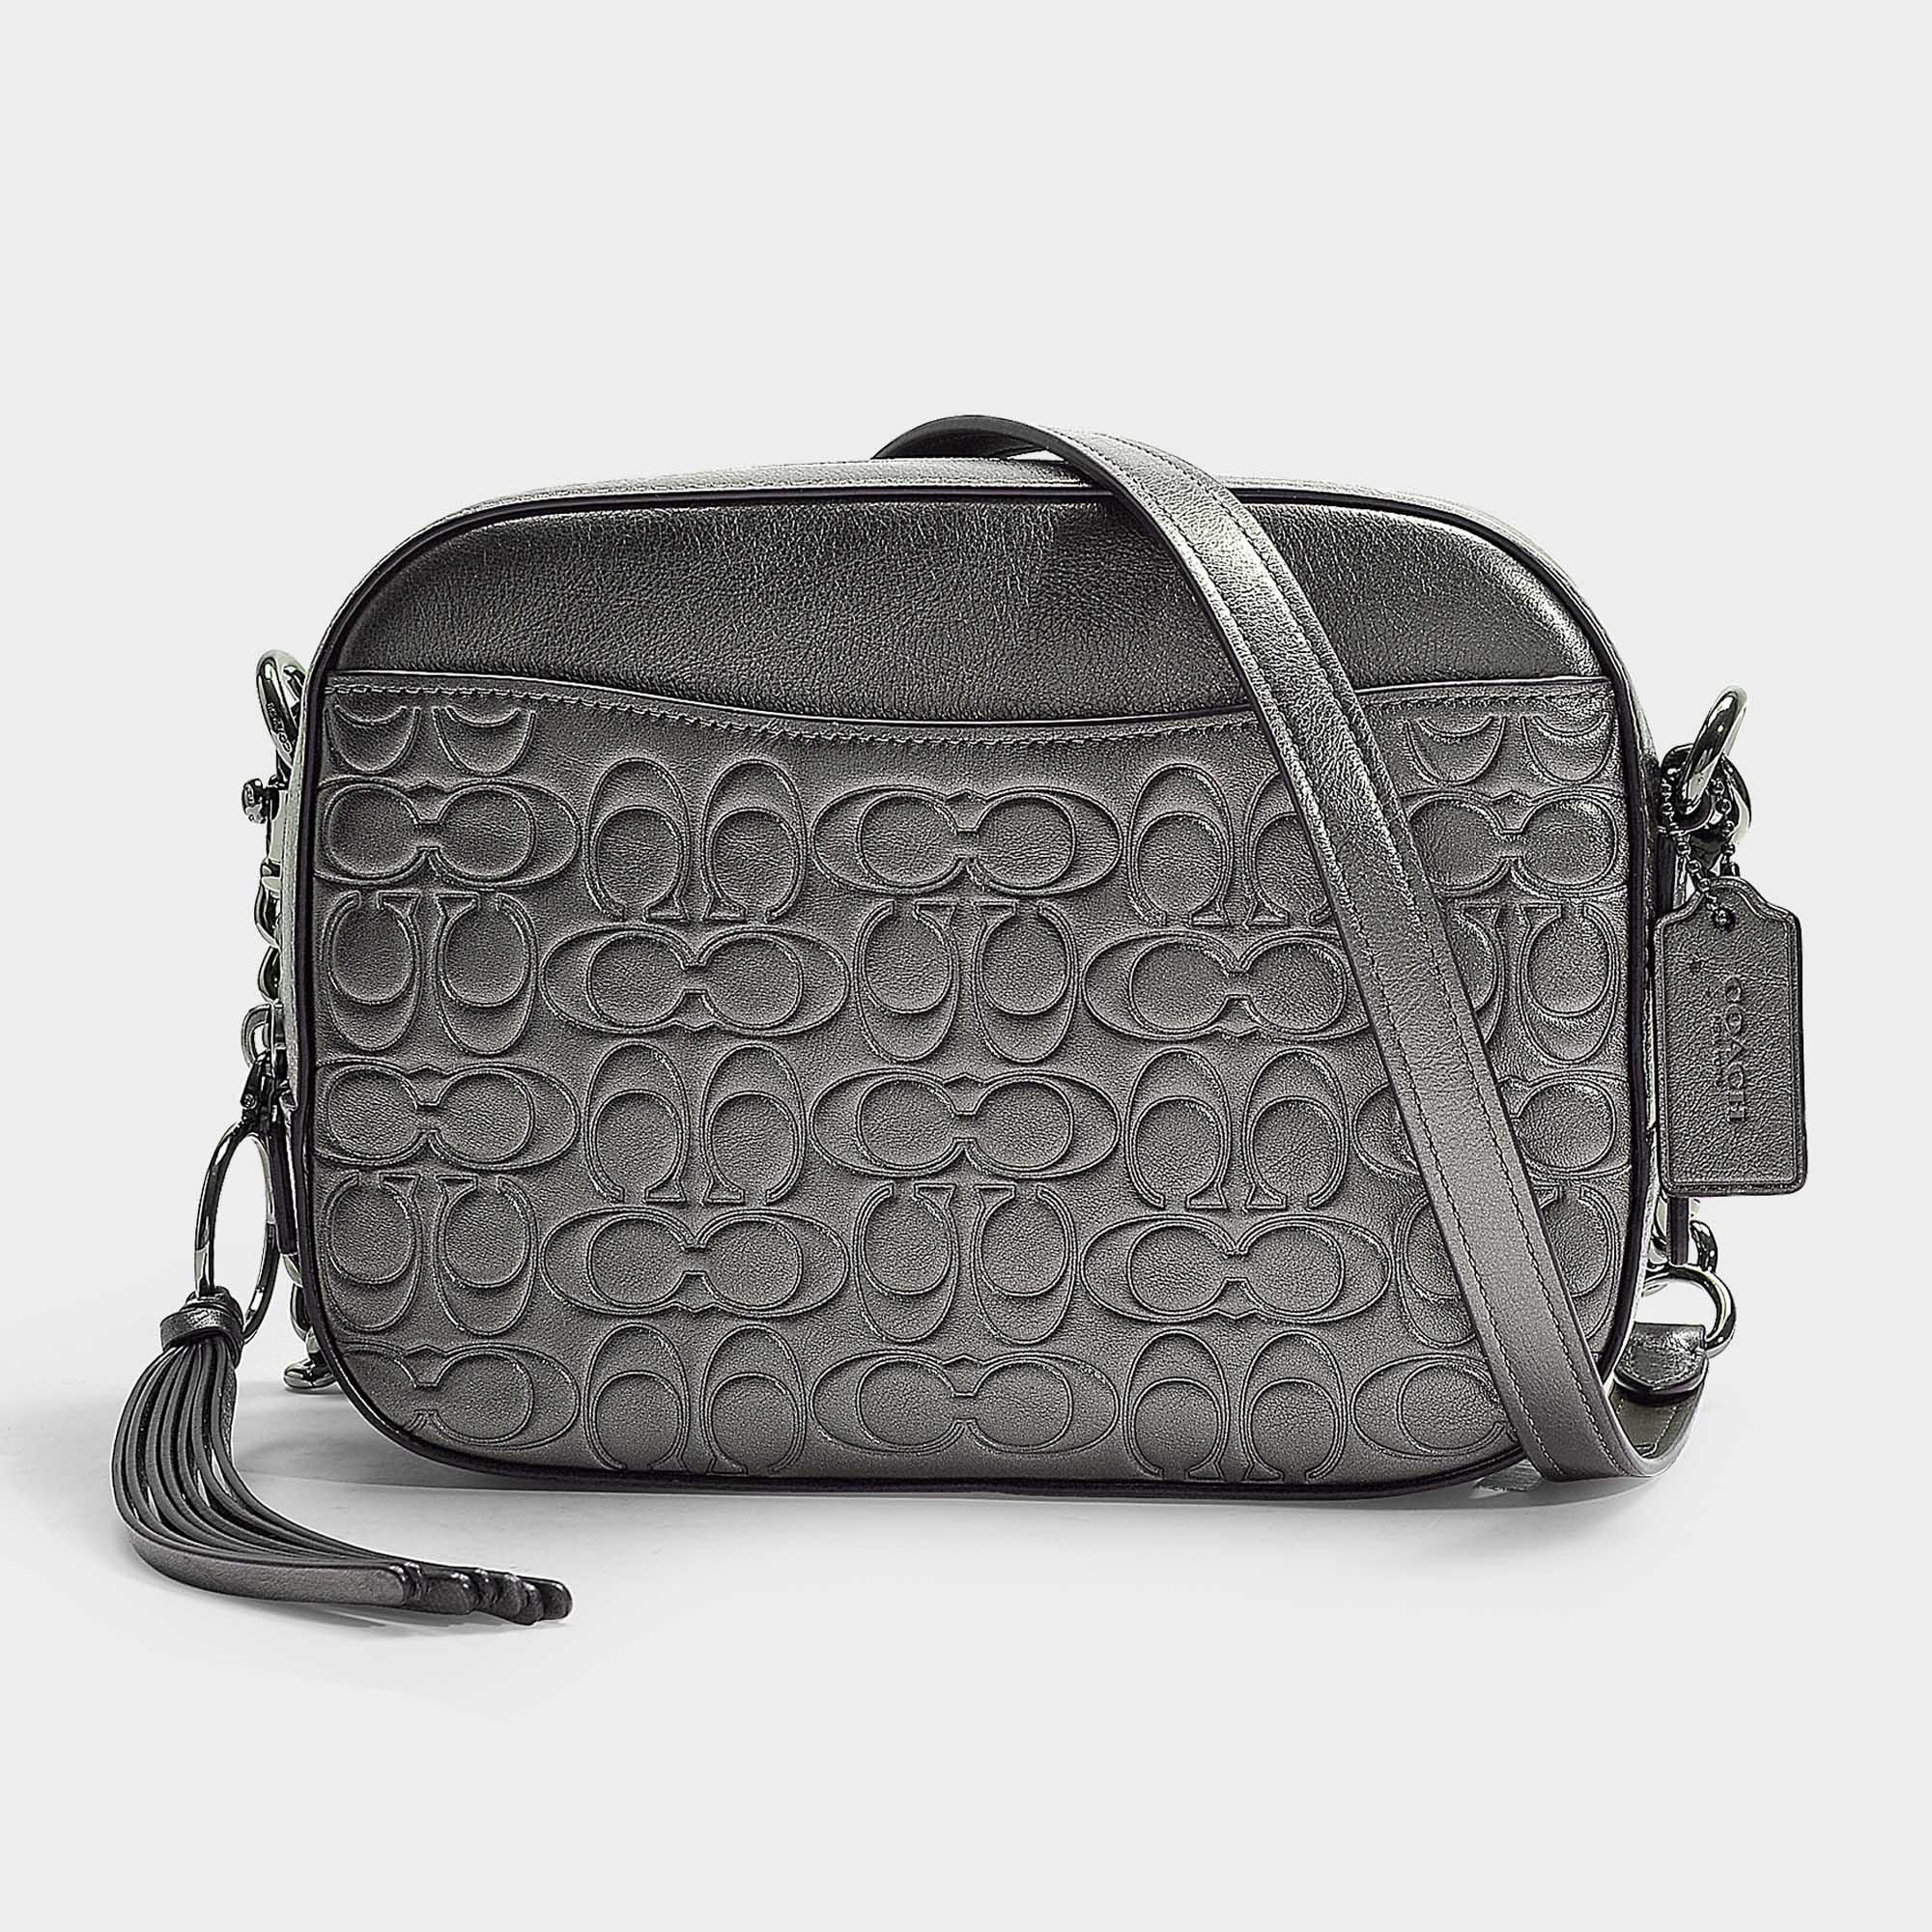 1f6ea4ffa COACH Metallic Signature Leather Camera Bag - Lyst